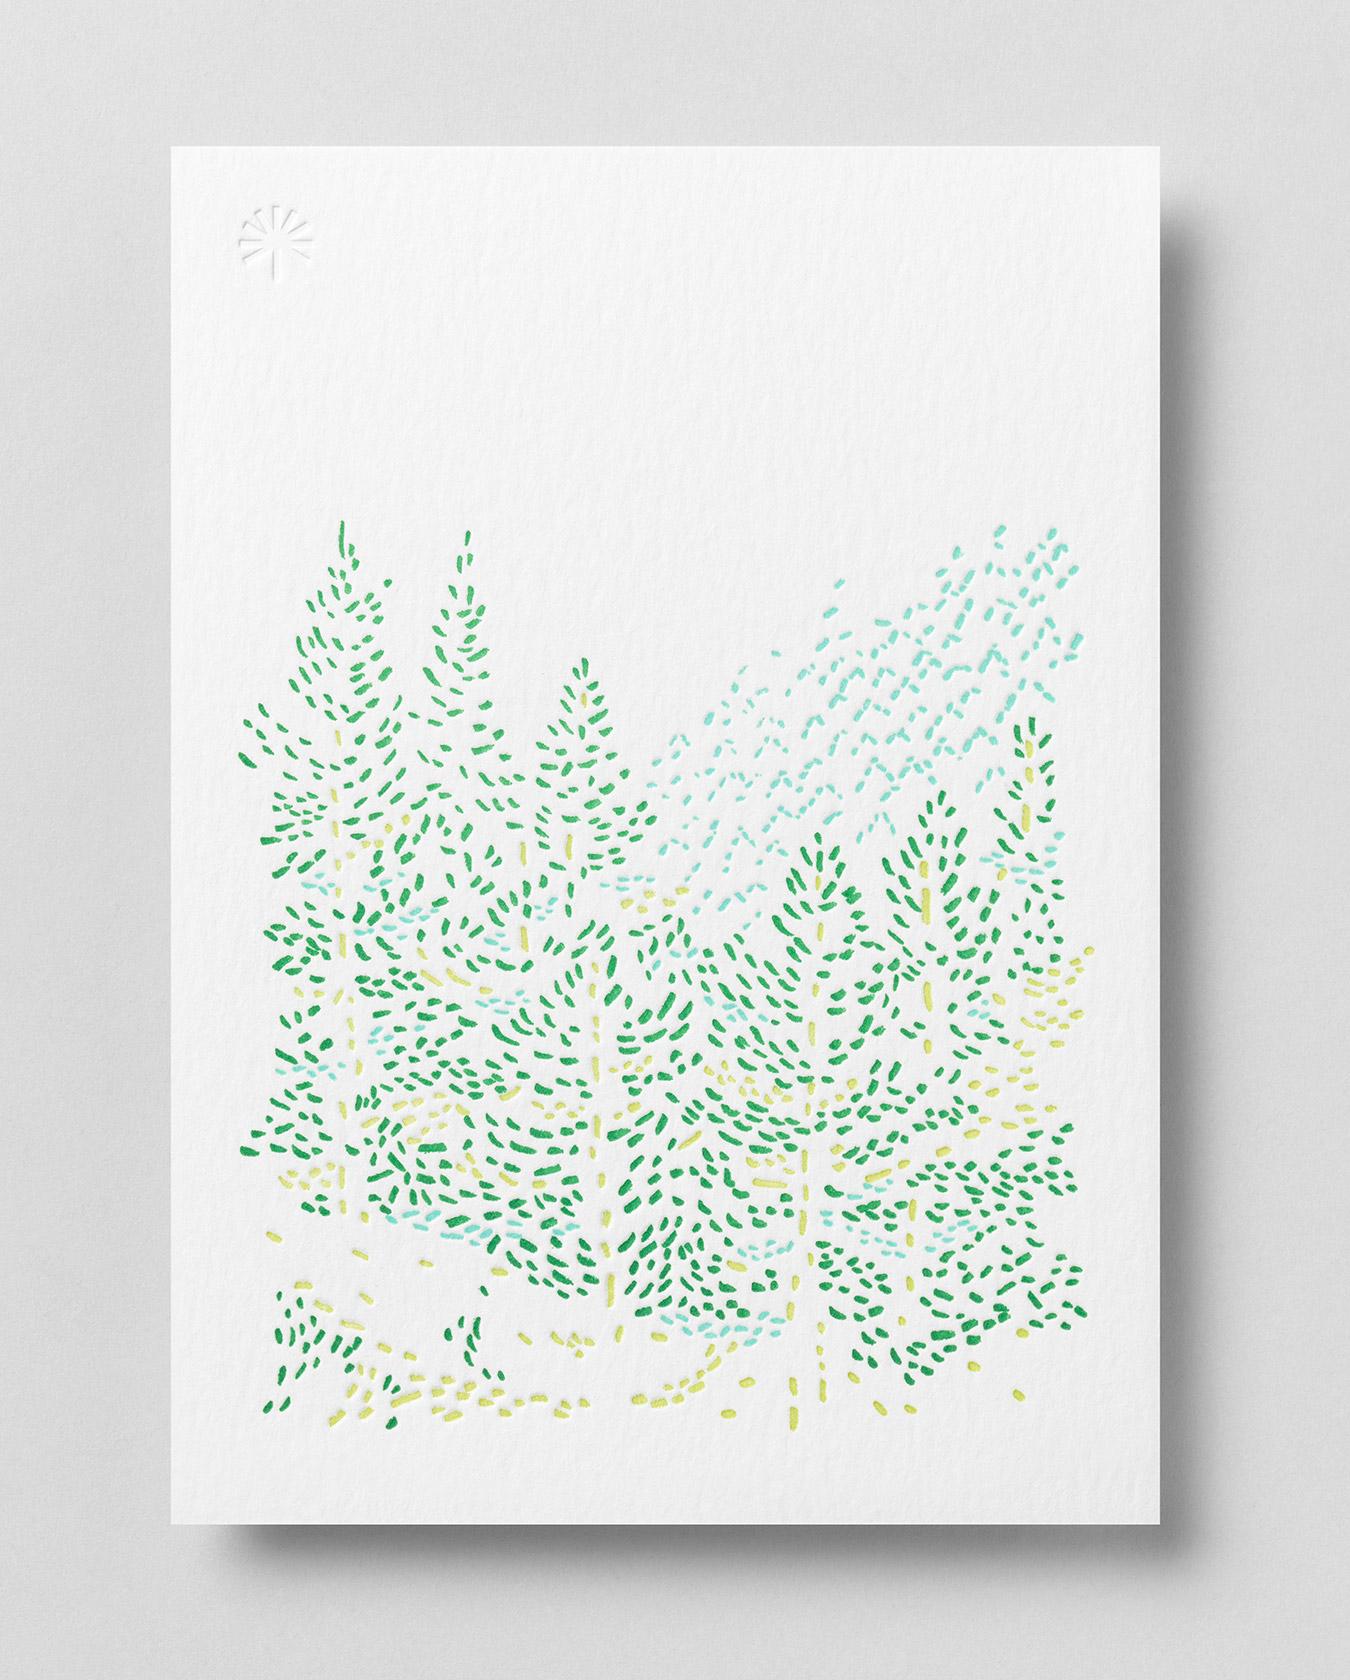 bpf_cardset-card-2_2730x1680